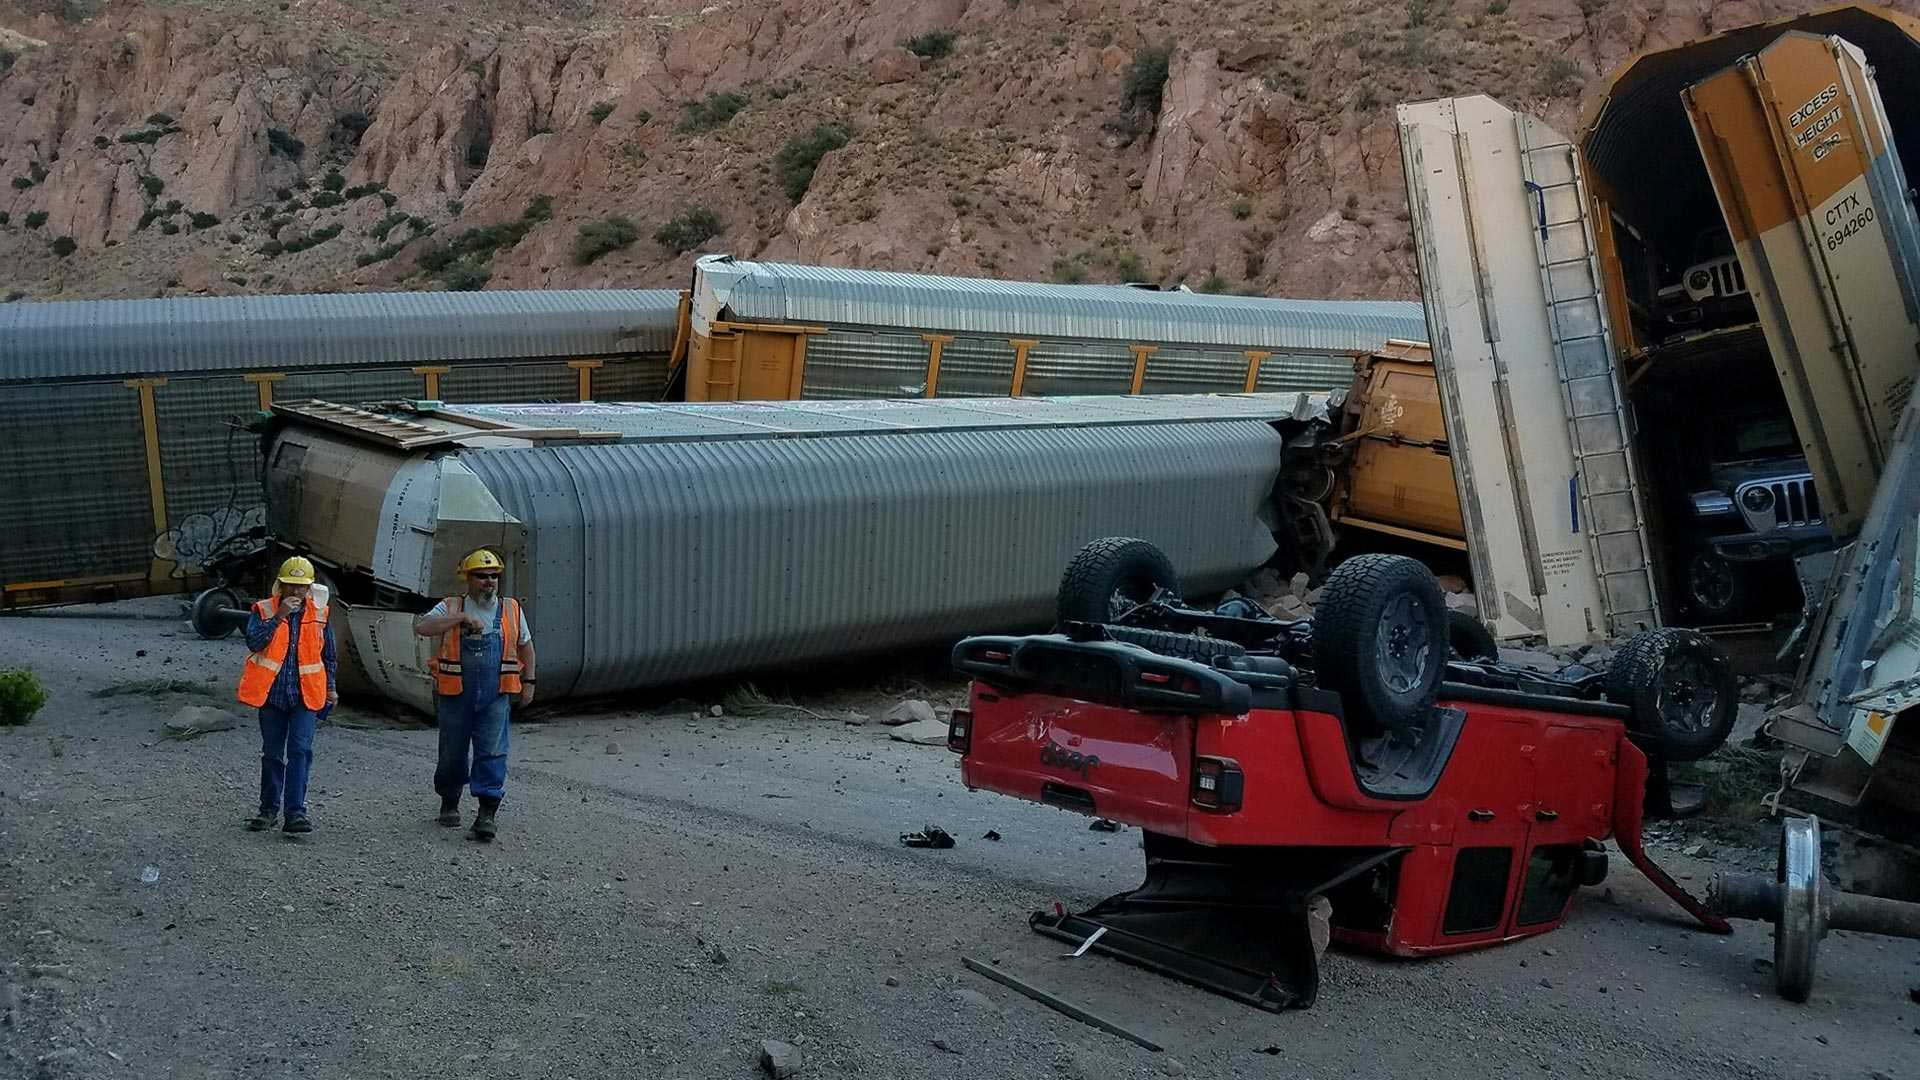 В США поезд сошёл с рельсов, уничтожив 33 новеньких автомобиля 2